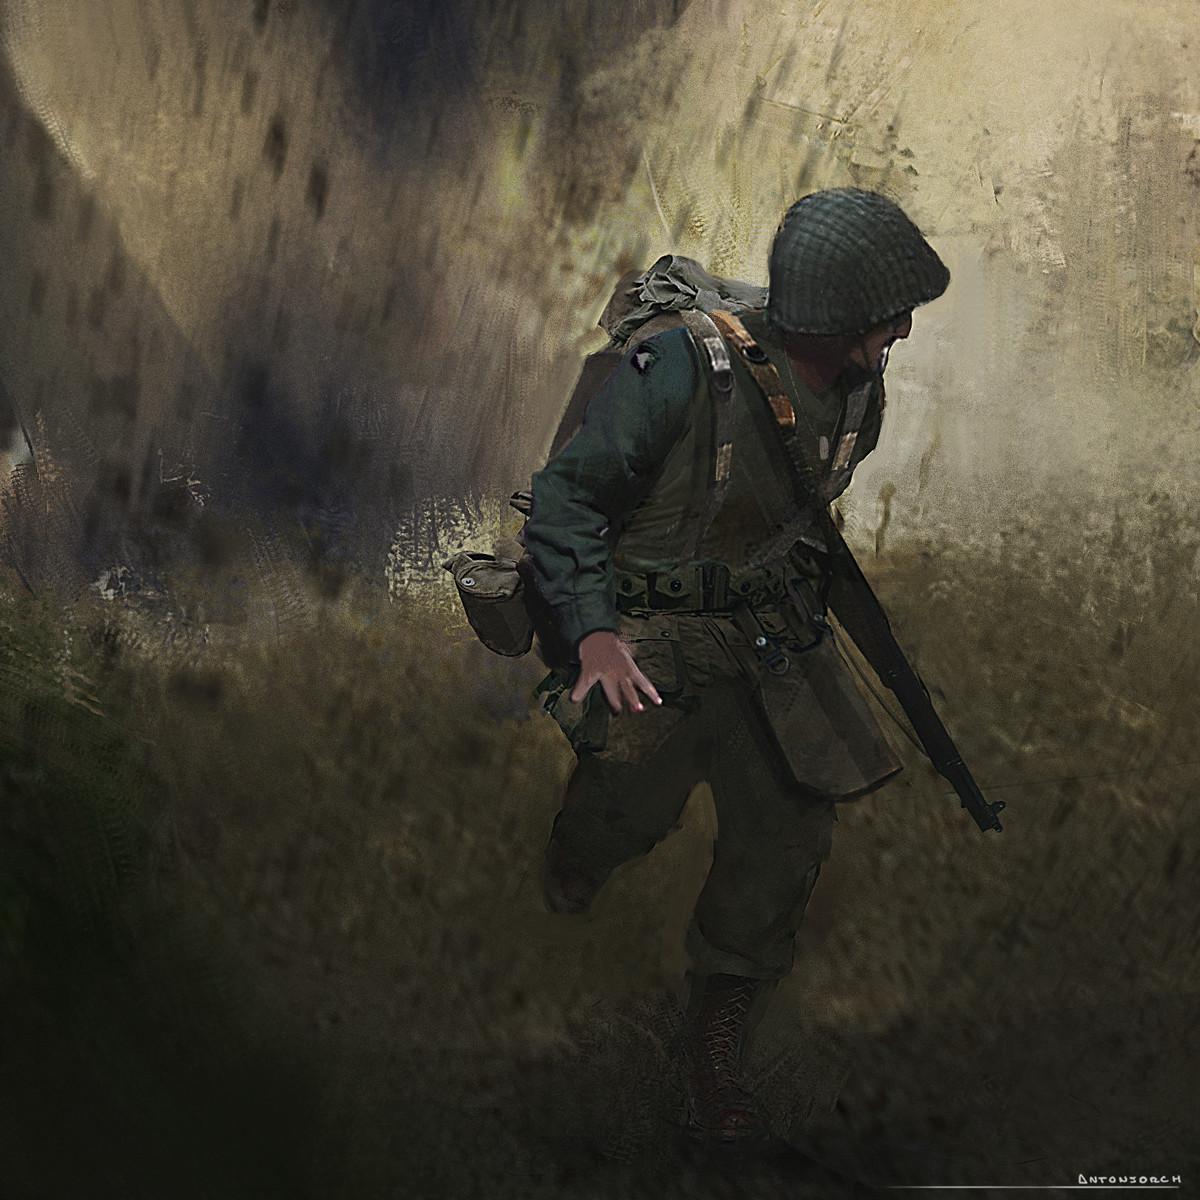 Jorge gonzalez ww soldier 6